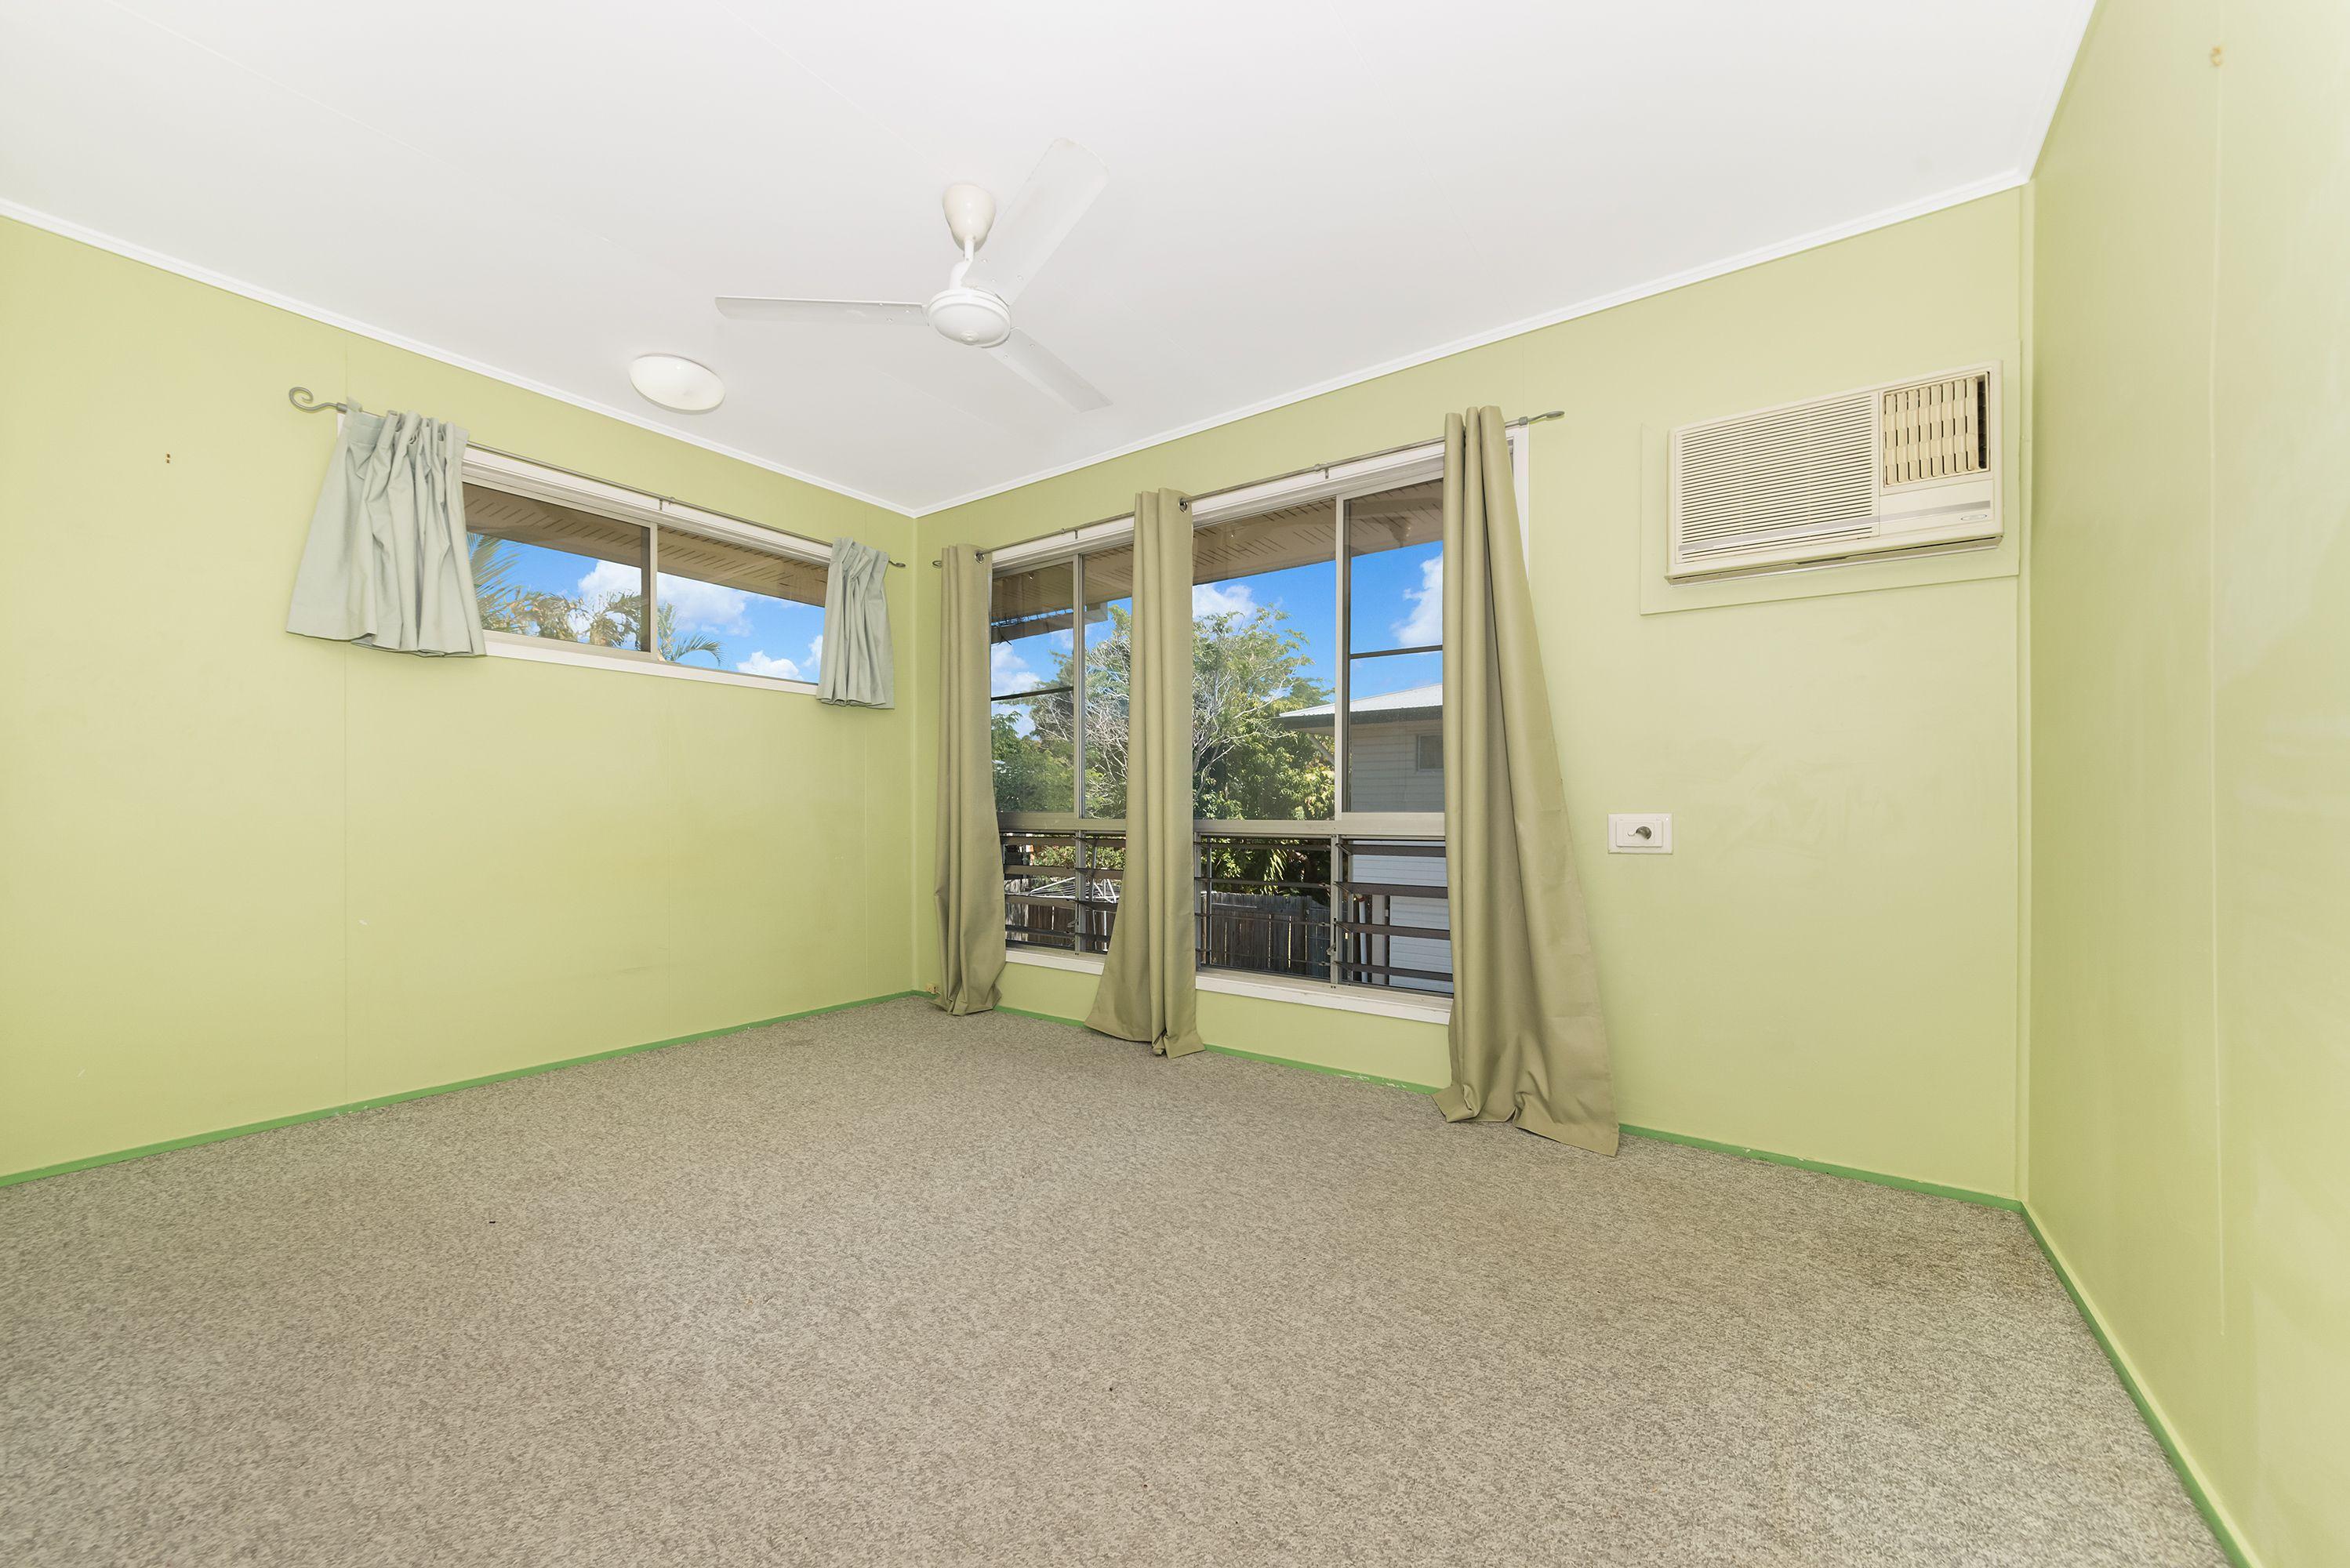 11 Dimmock Street, Heatley, QLD 4814